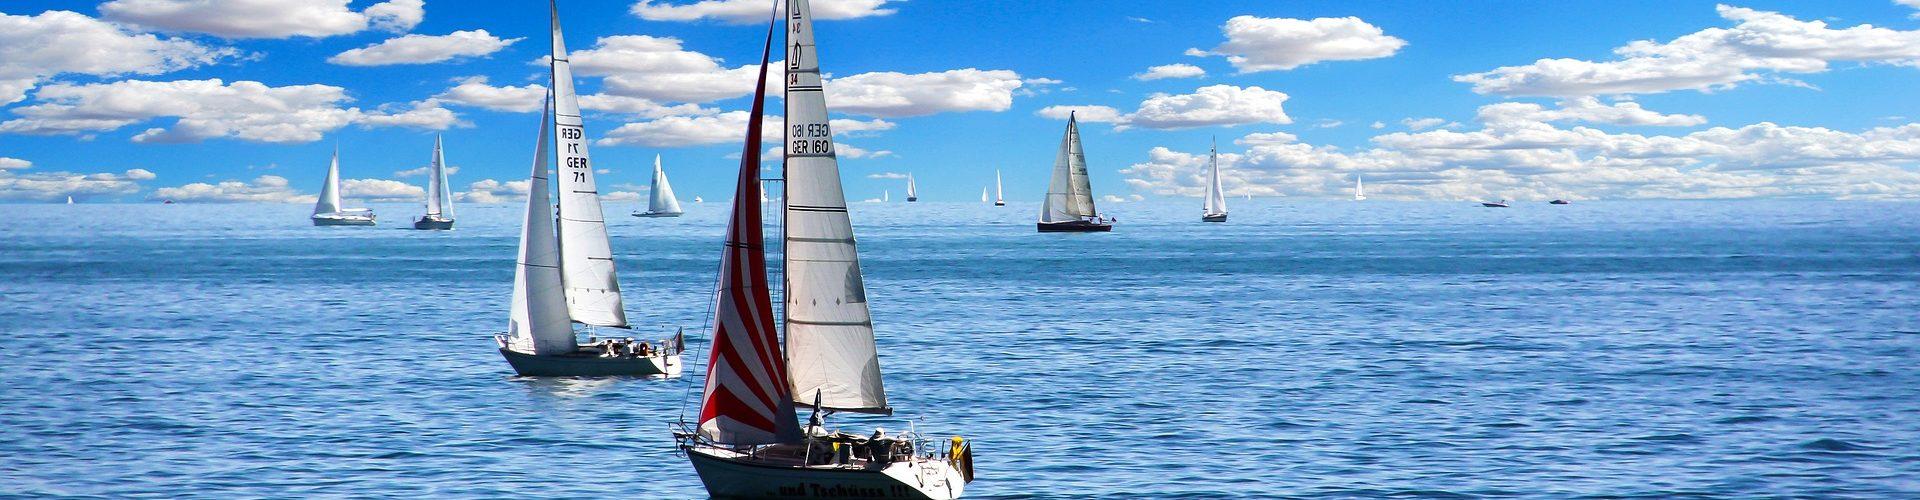 segeln lernen in Gundelfingen an der Donau segelschein machen in Gundelfingen an der Donau 1920x500 - Segeln lernen in Gundelfingen an der Donau